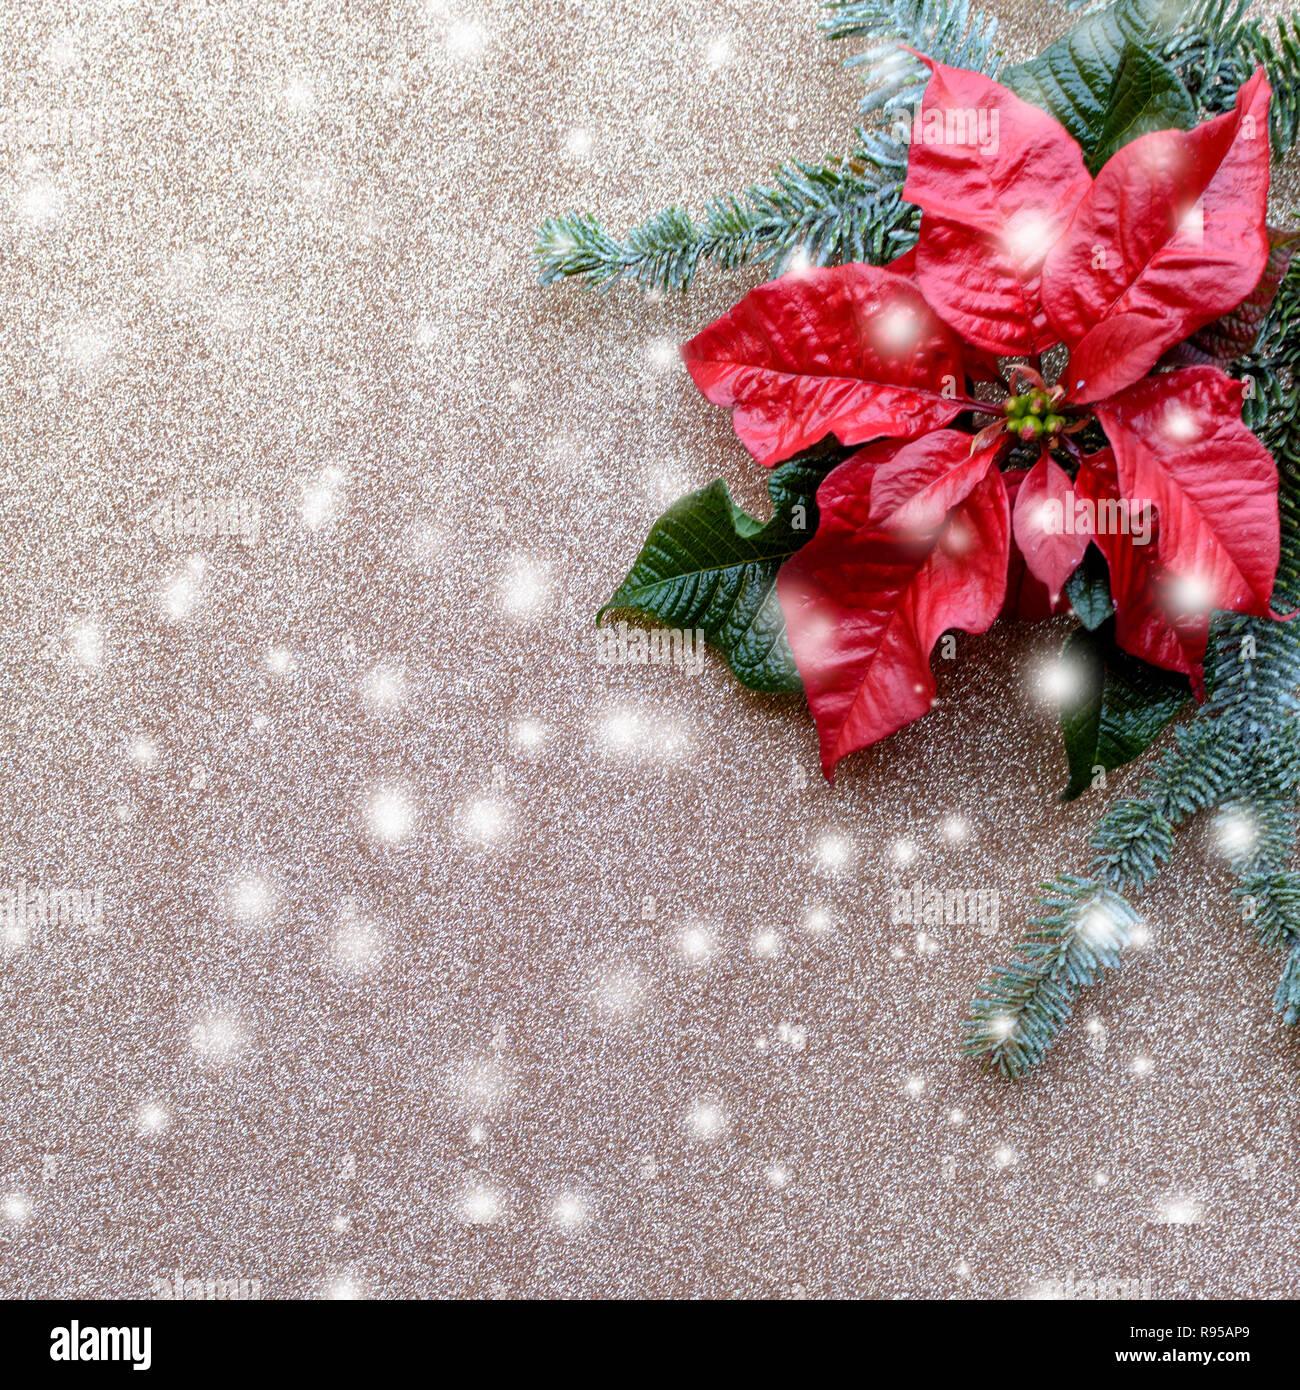 Weihnachtsstern Für Tannenbaum.Rot Weihnachtsstern Blume Mit Tannenbaum Und Schnee Auf Goldenen